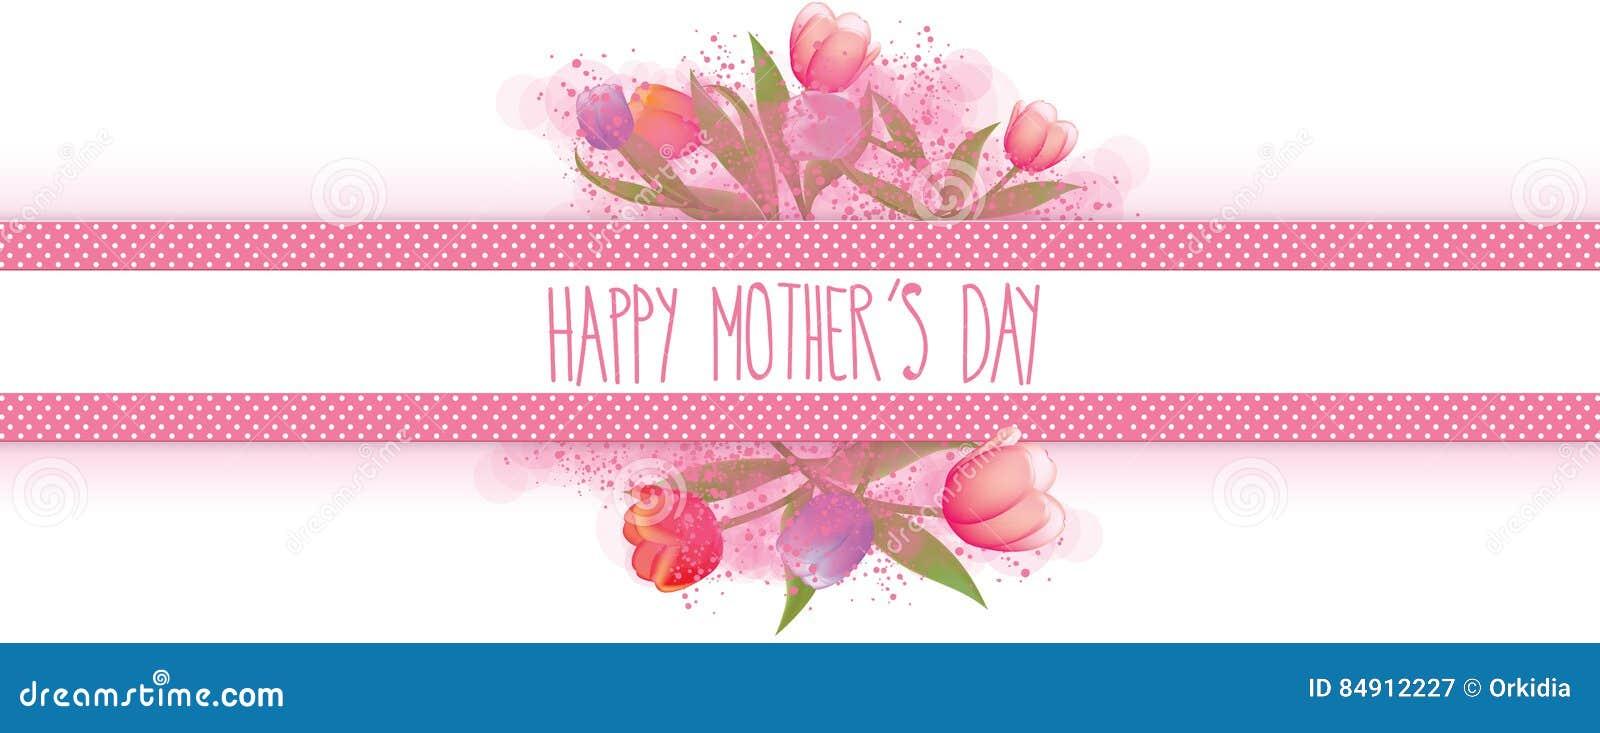 Bandera feliz del día de madres